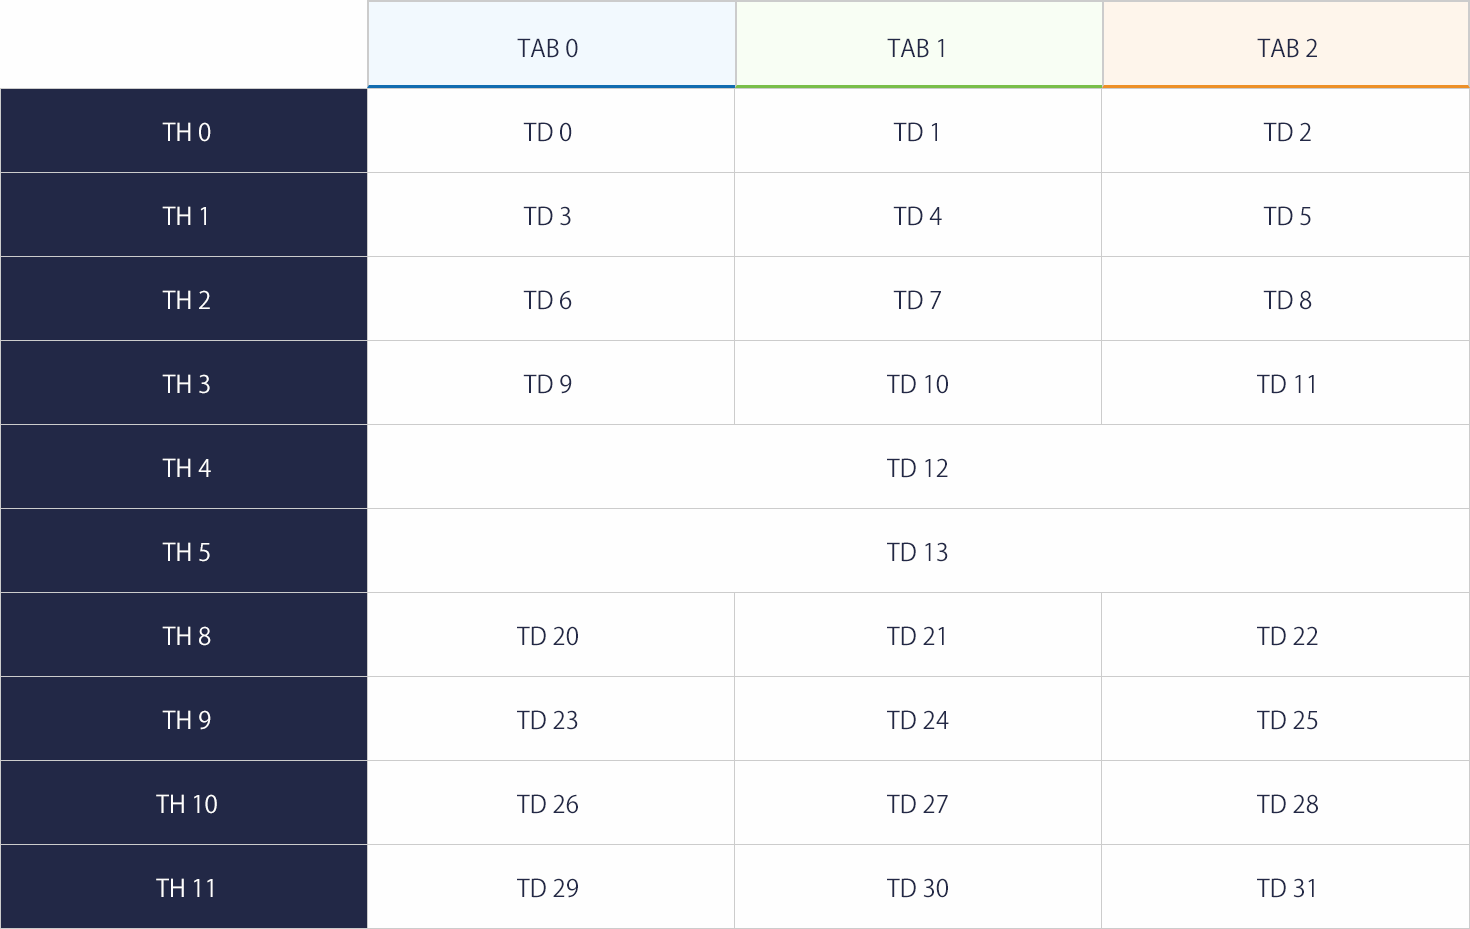 レスポンシブWebデザインで扱い難い表組み(tableタグ)データ